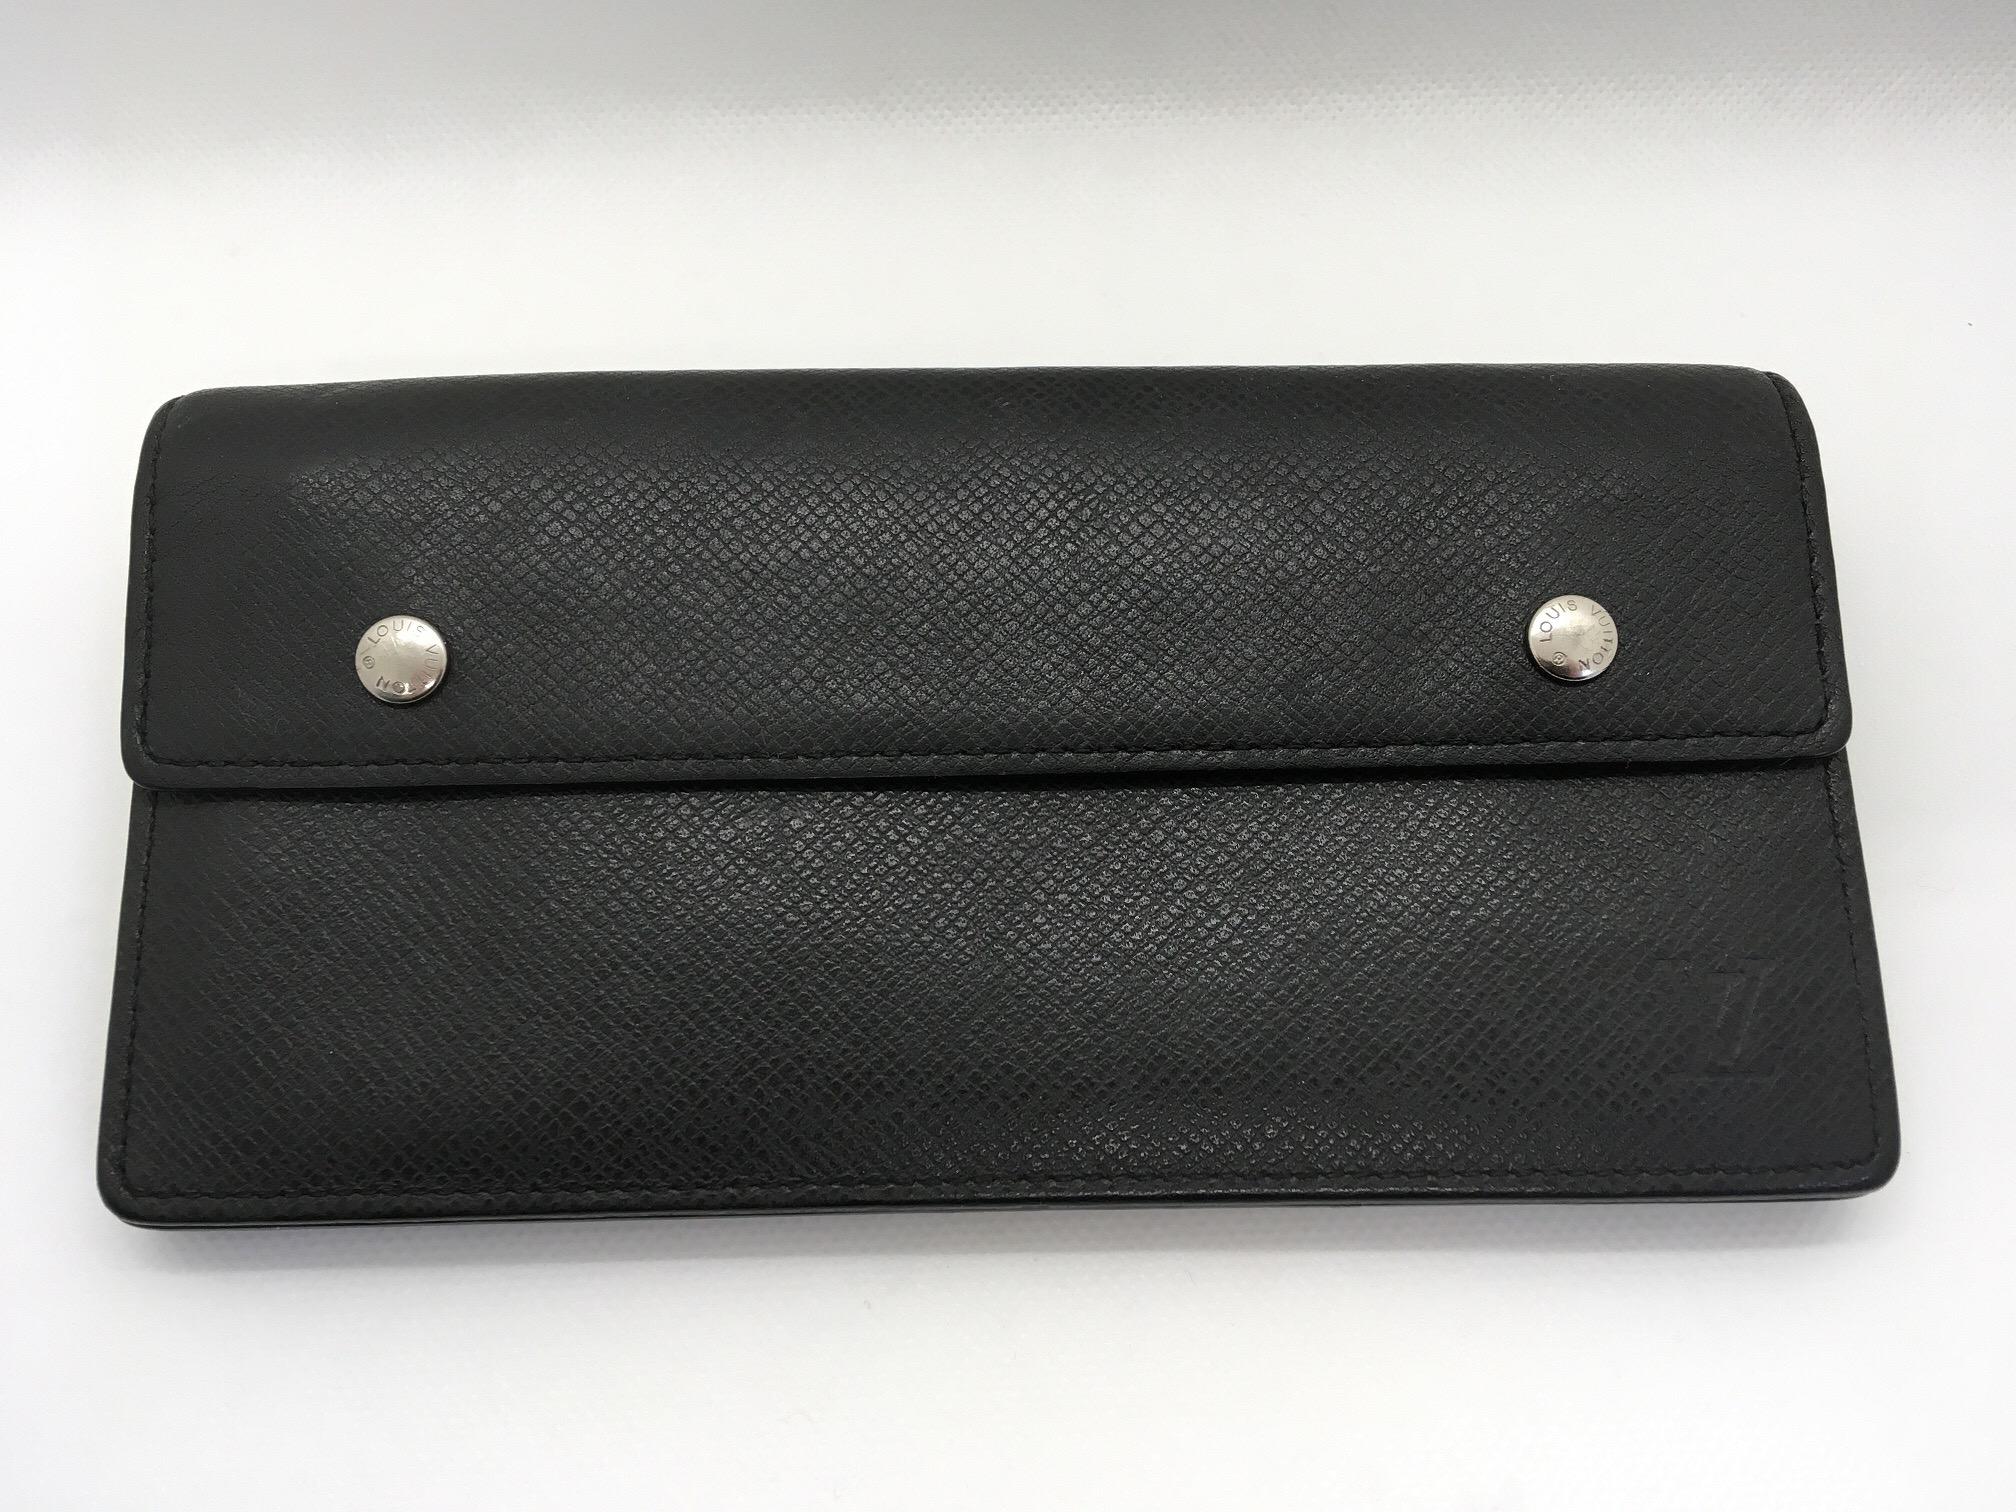 ブランド転売事例 ヴィトンの財布を出品後4時間で利益7000円超え